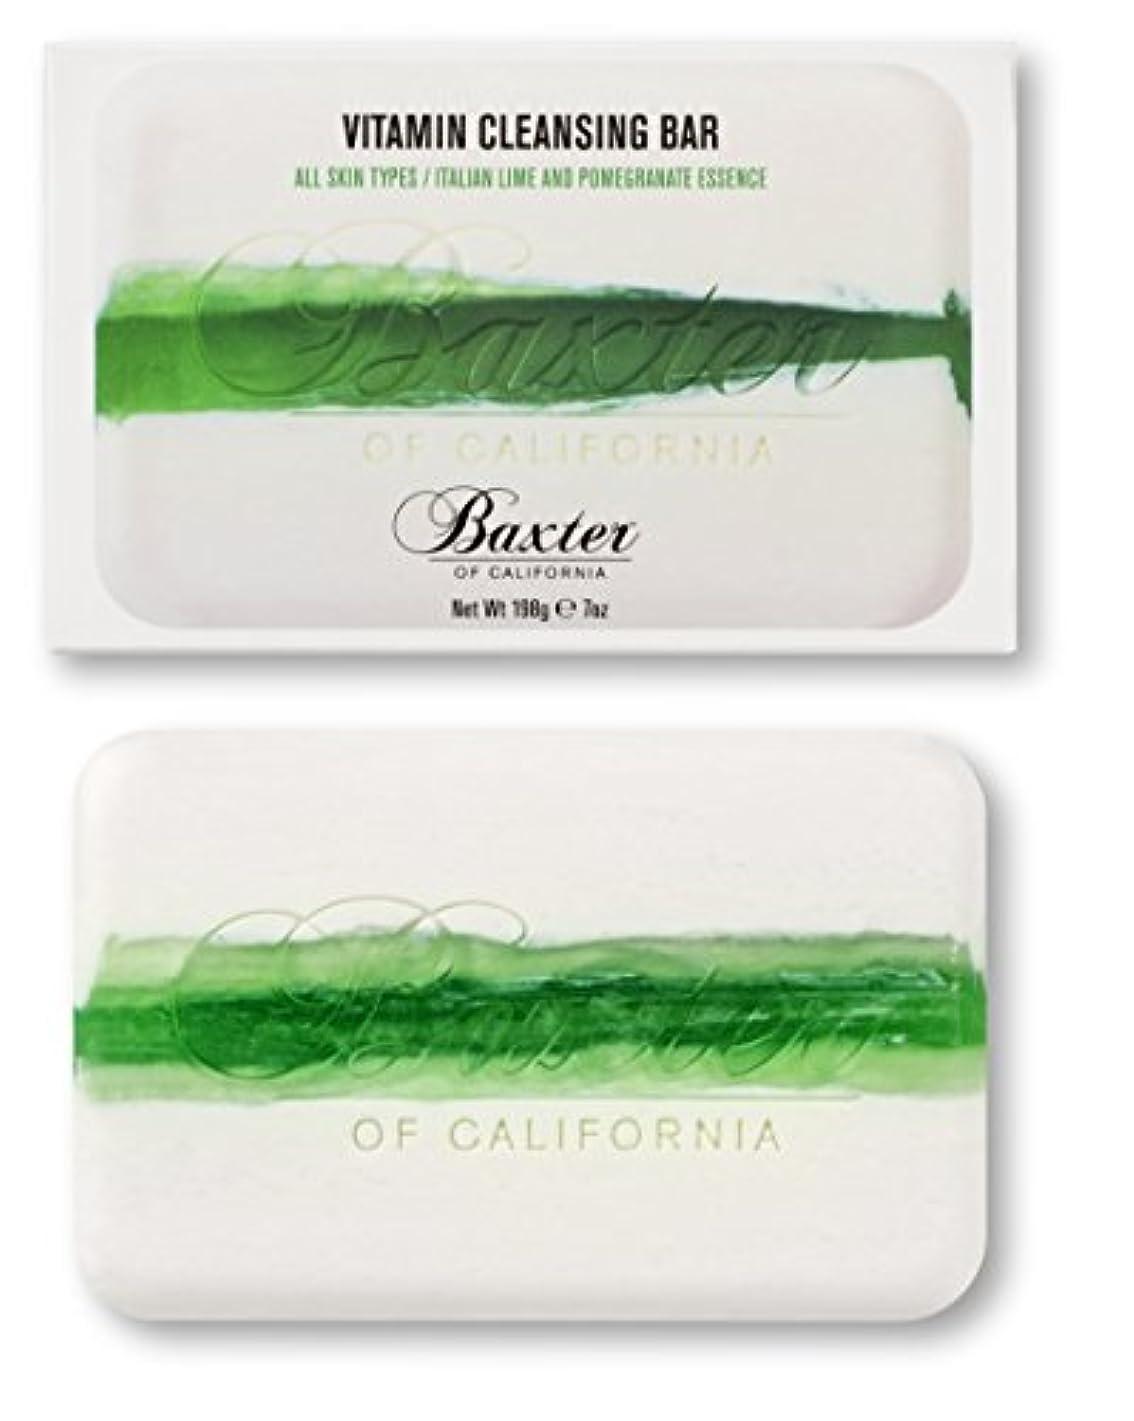 可能にするキャリッジネットBaxter OF CALIFORNIA(バクスター オブ カリフォルニア) ビタミンクレンジングバー イタリアンライム&ポメグラネート 198g